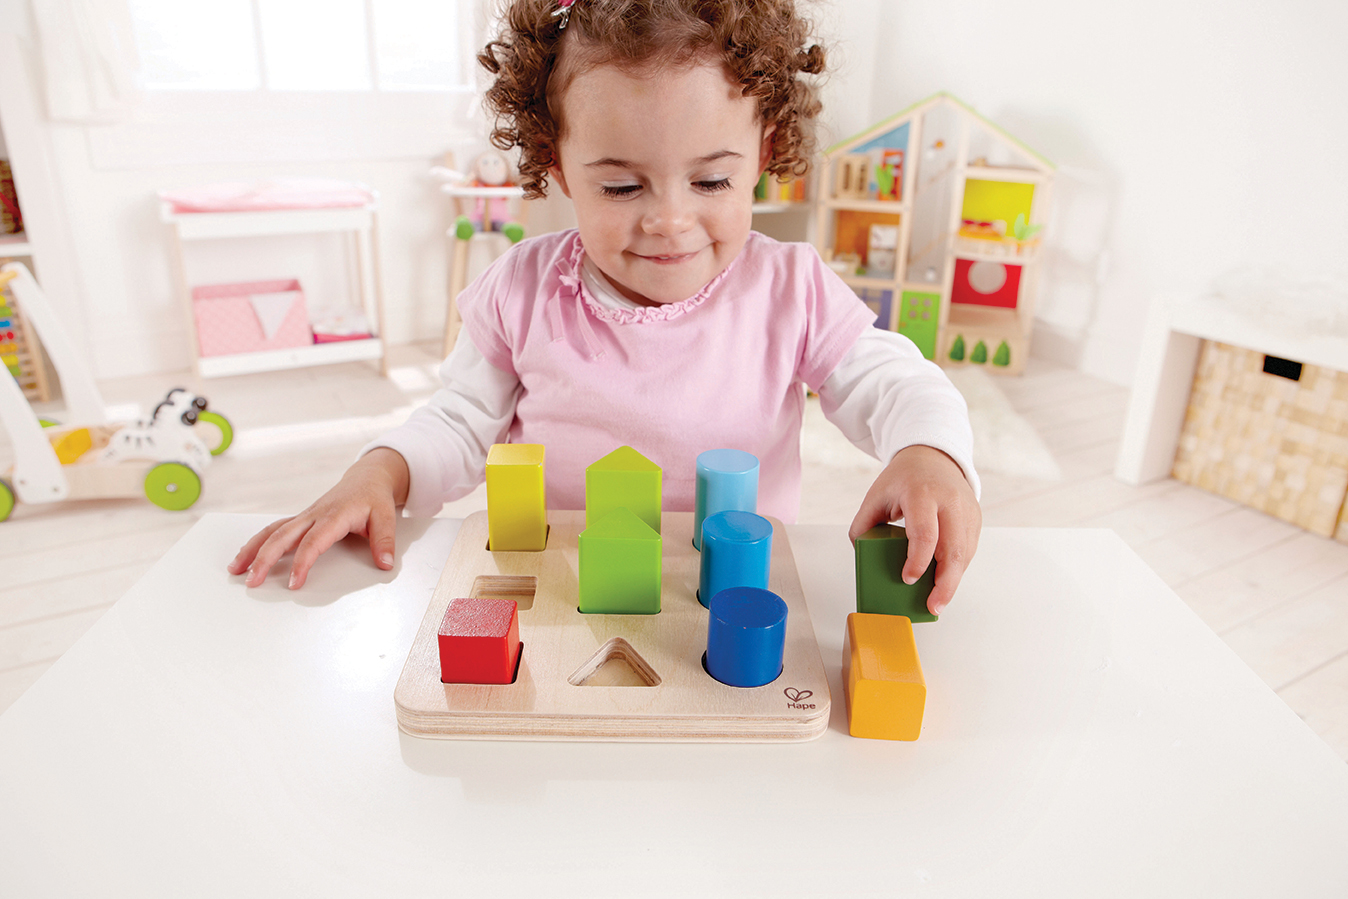 Какие игрушки положительно сказываются на развитии ребенка данного возраста?